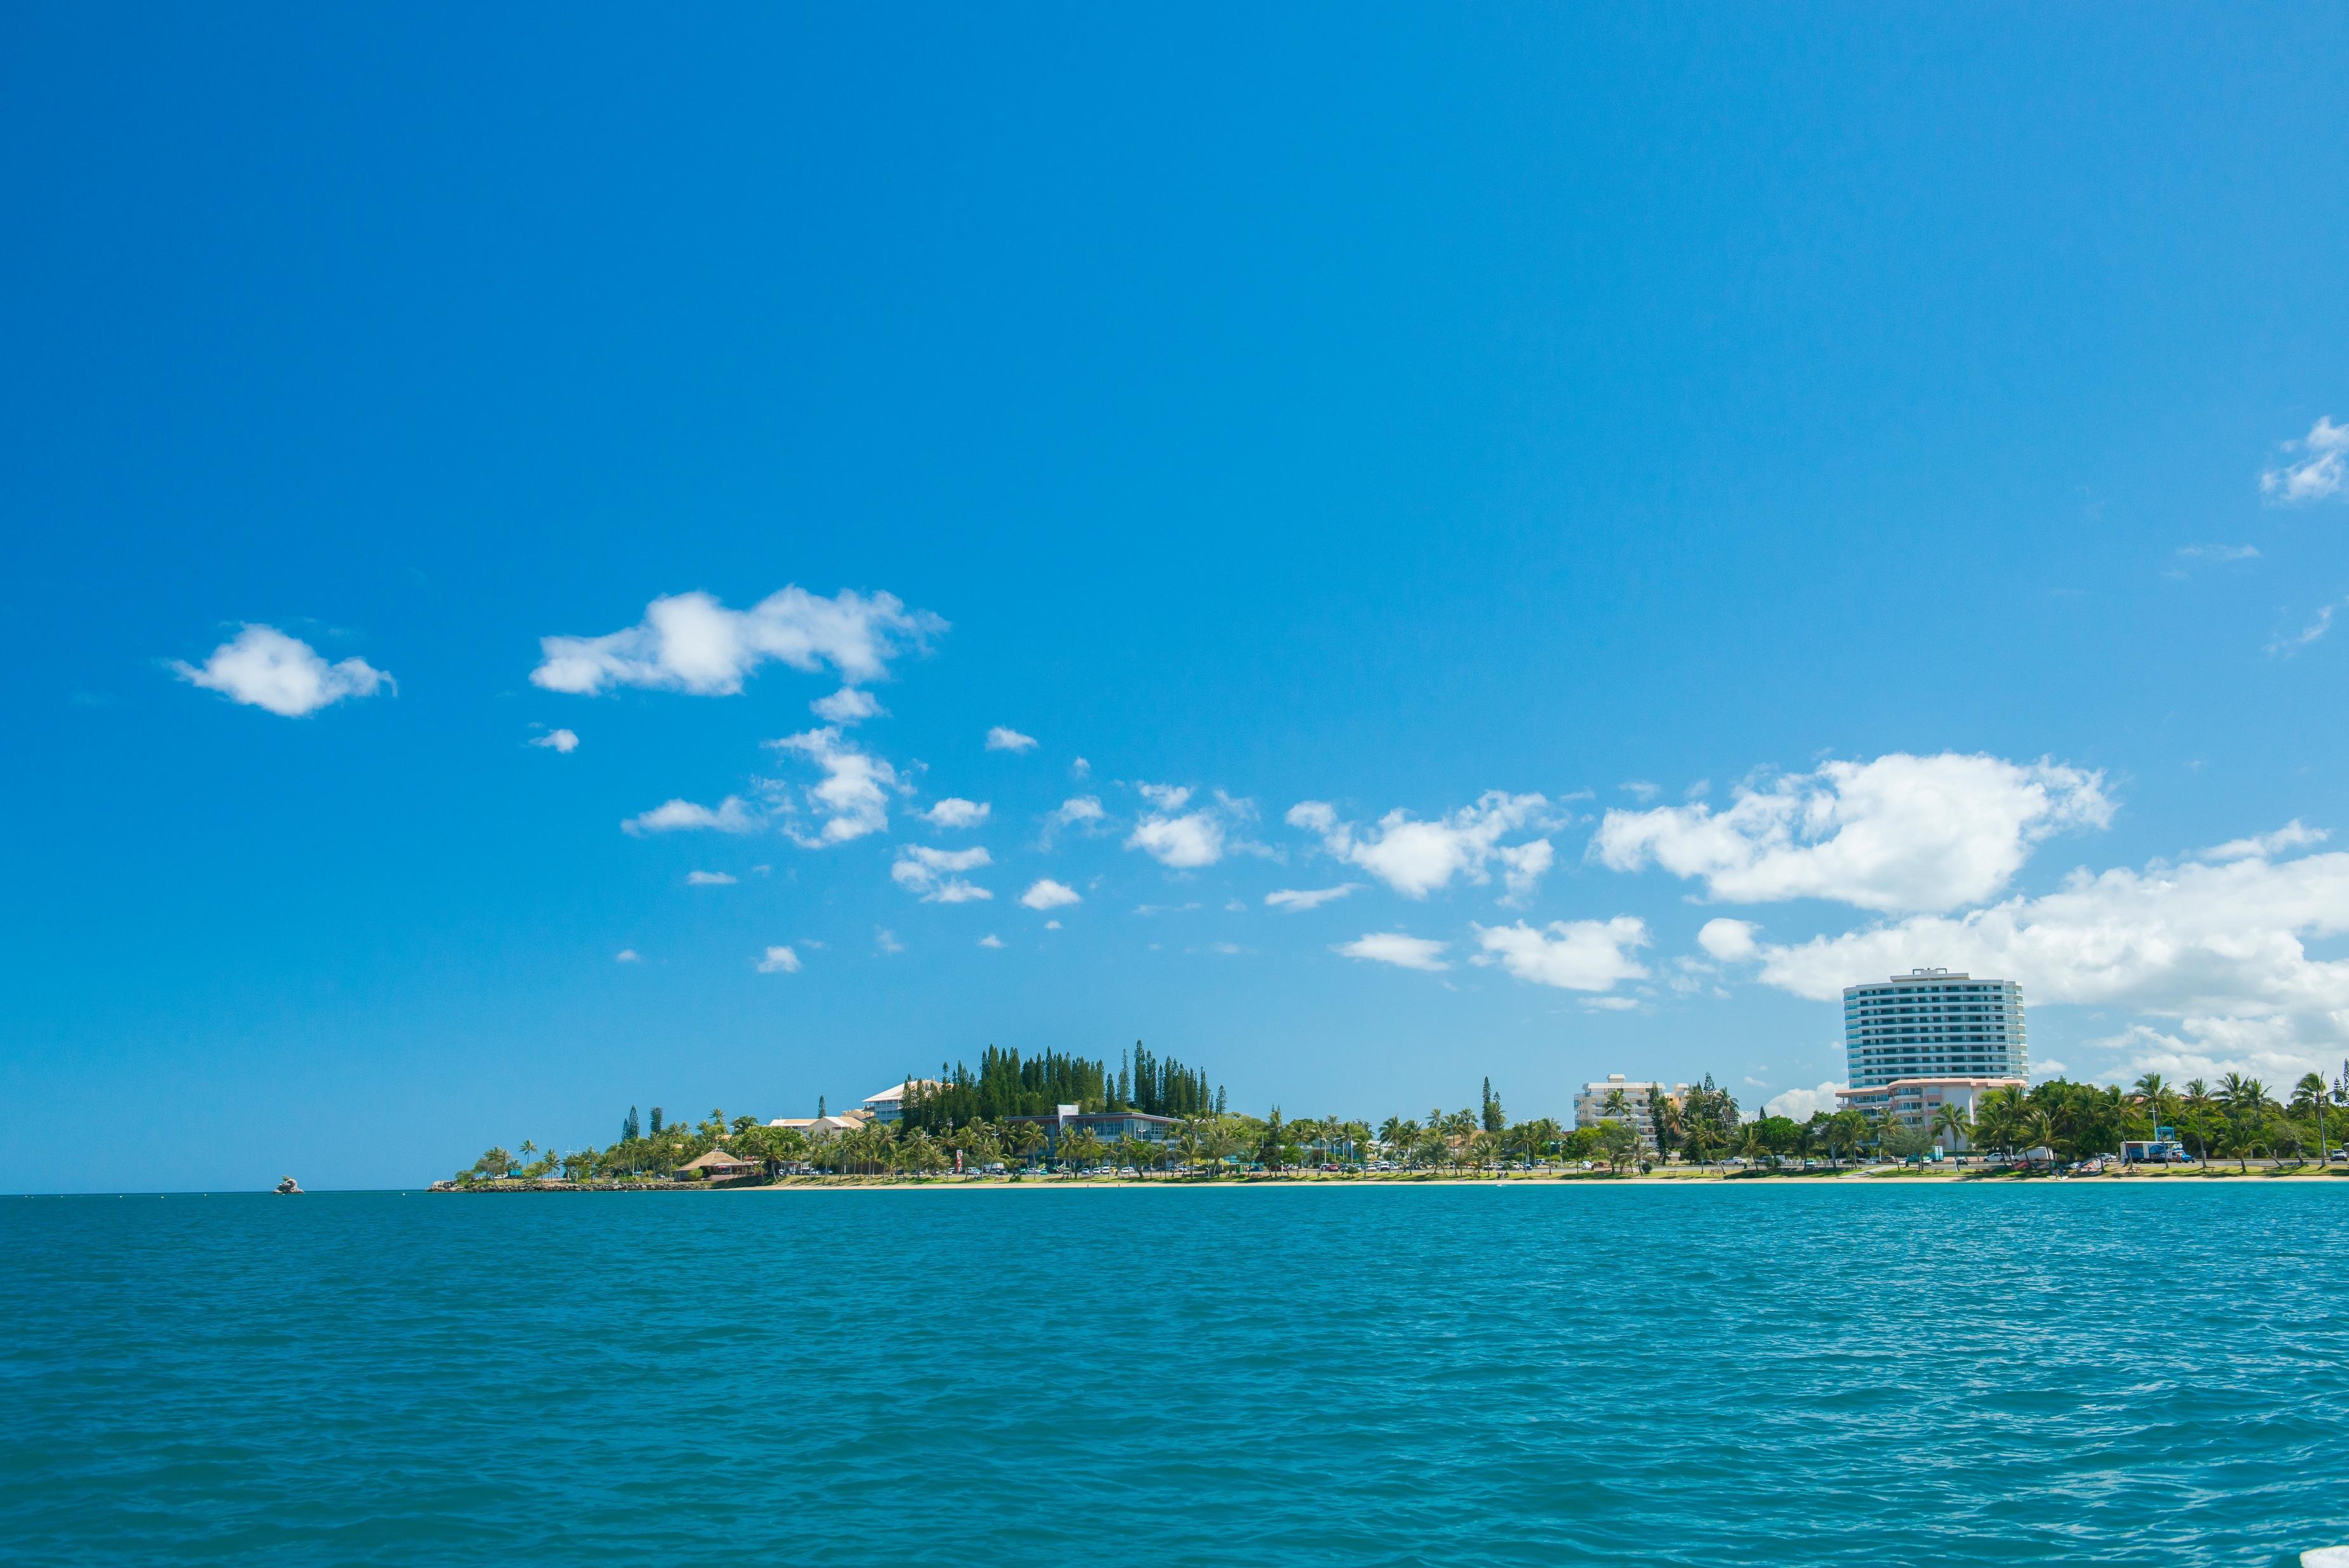 <90日前早割り>直行便で行くリゾート!ニューカレドニア!<br />メリディアン ヌメア リゾート アンド スパ (Le Meridien Noumea Resort and Spa)&nbsp; クラシック ガーデンビュールーム利用 3泊5日